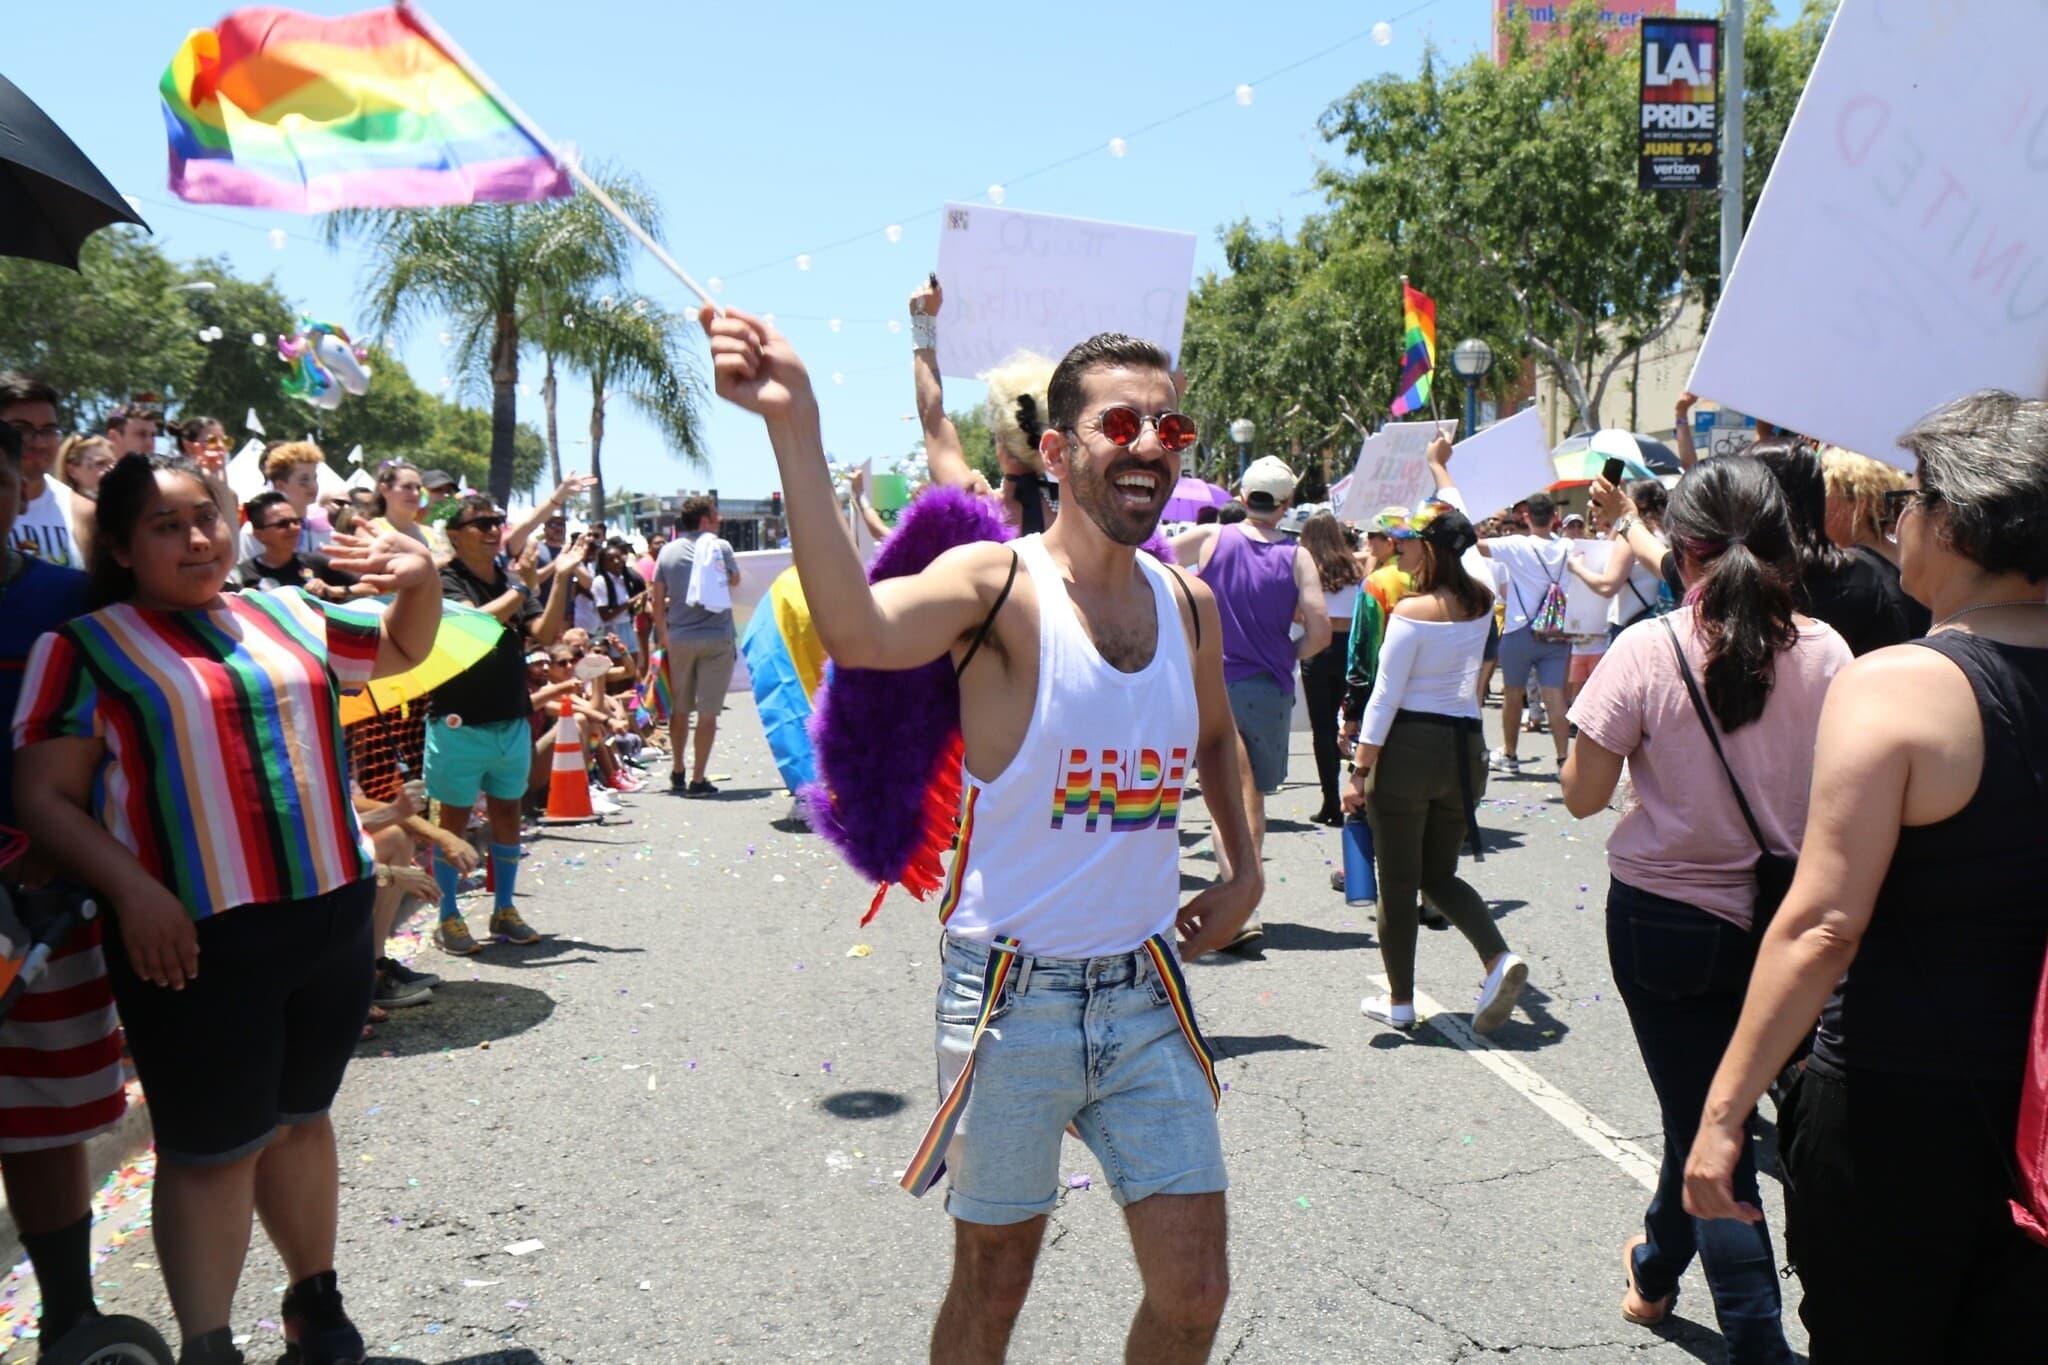 אריה מרווזי, צועד במצעד הגאווה של לוס אנג'לס ב-2019 (צילום: אנה פלזטה)